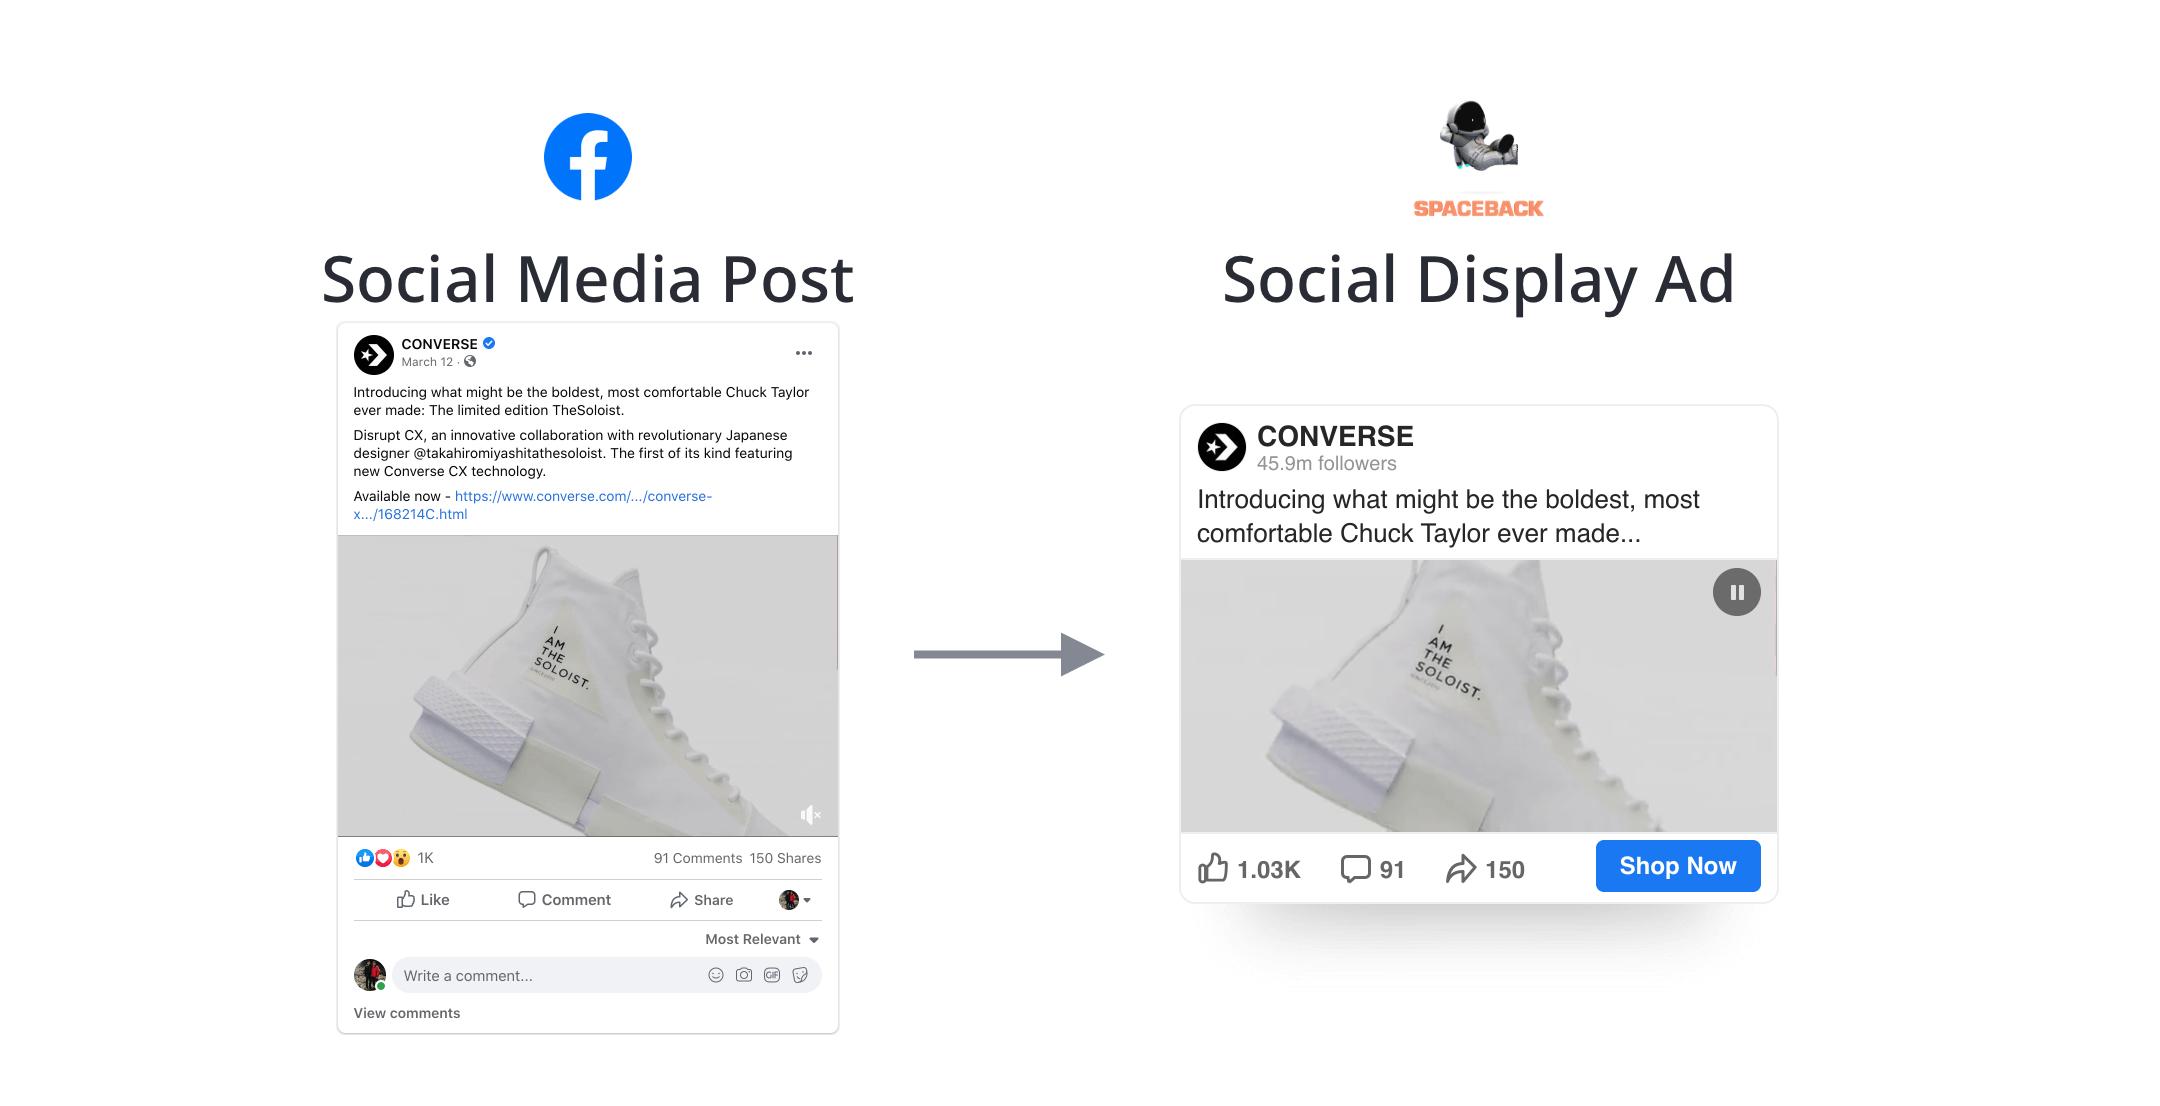 Converse Facebook Spaceback Social Display Ad